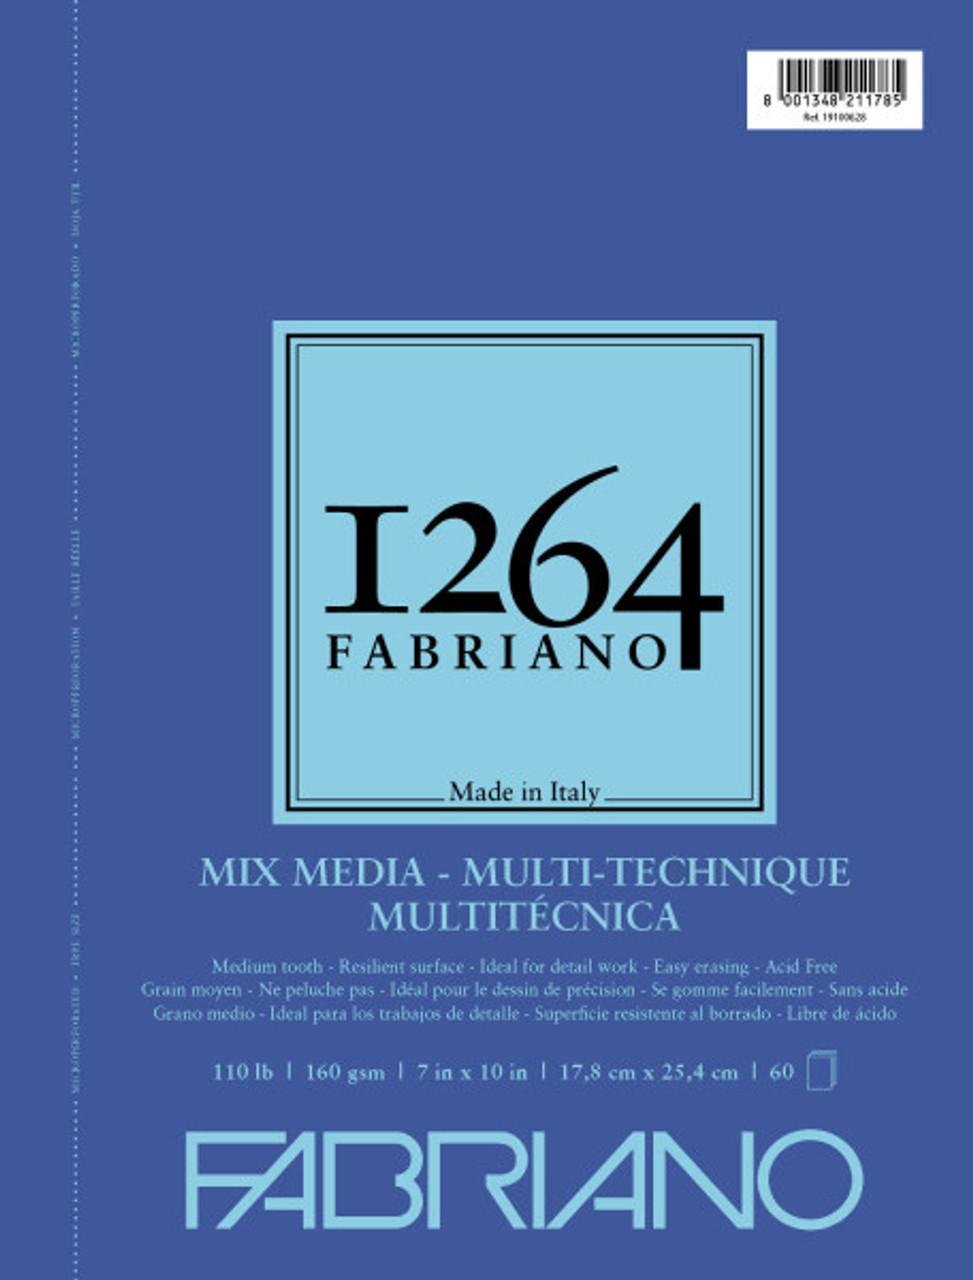 Fabriano 1264 Mixed Media Pad